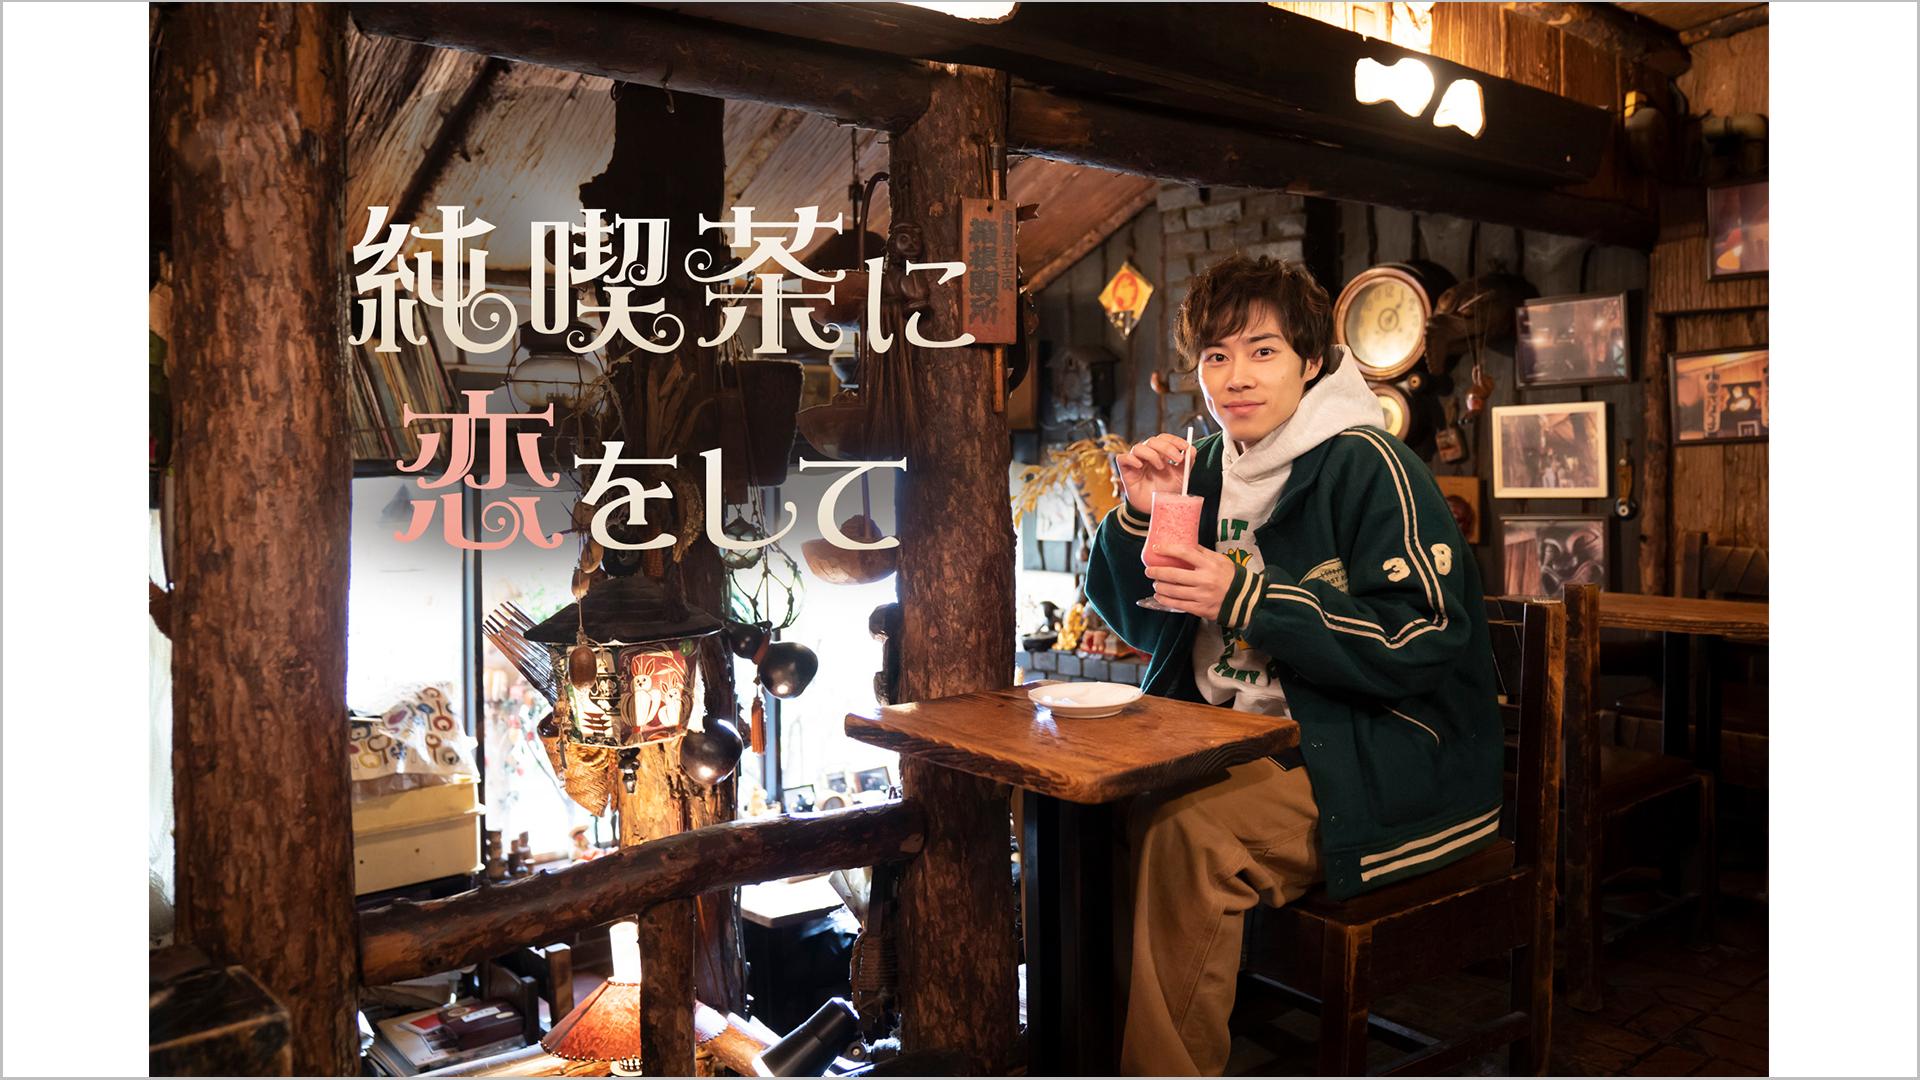 純喫茶に恋をして #4 五反田「トゥジュール デビュテ」